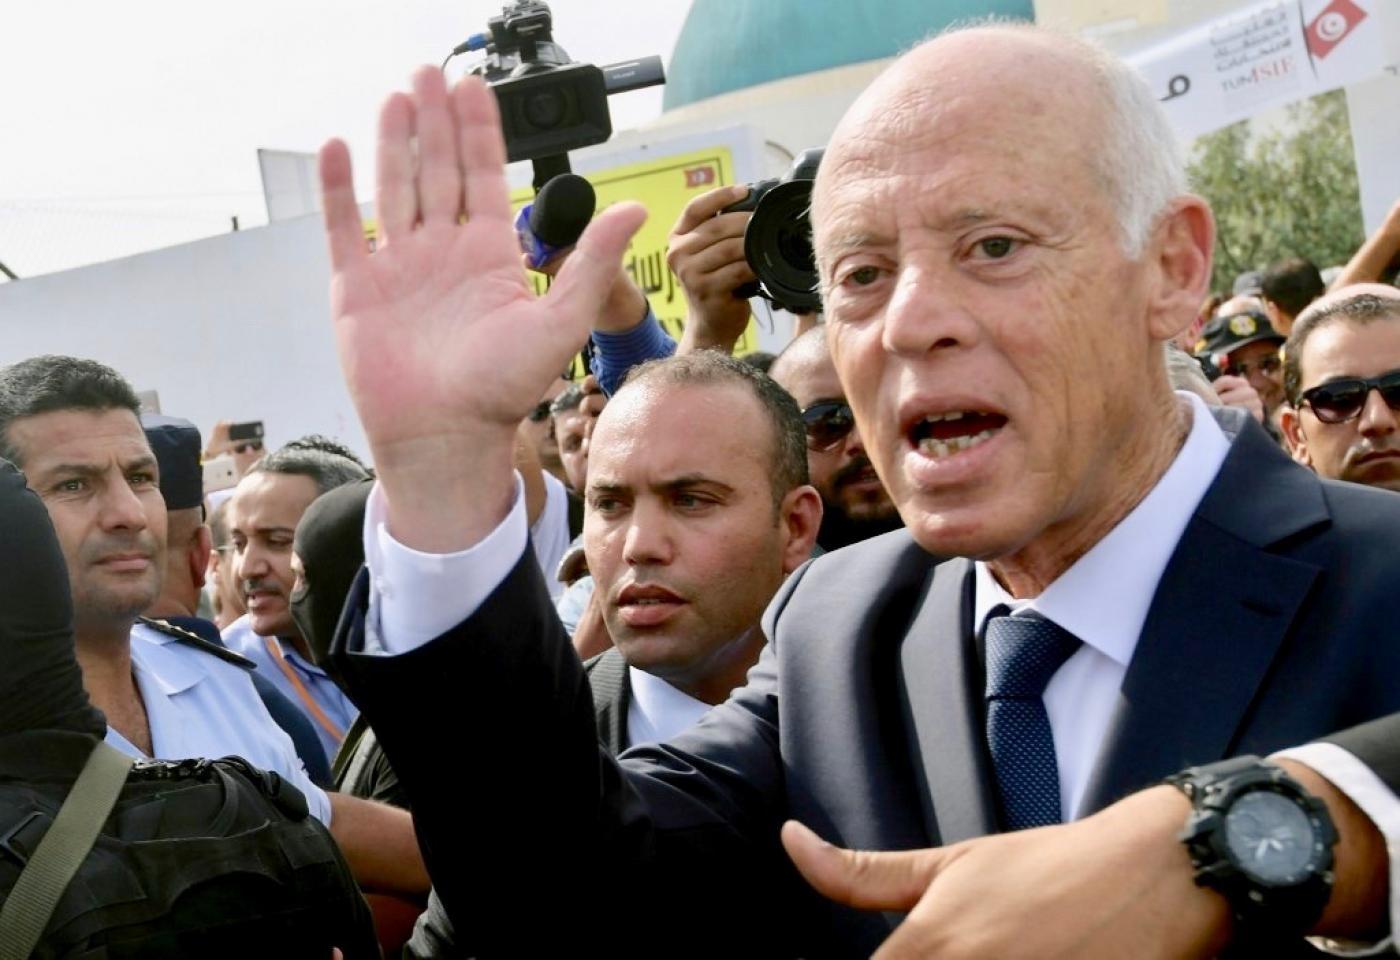 Tunisin yeni prezidenti məlum oldu